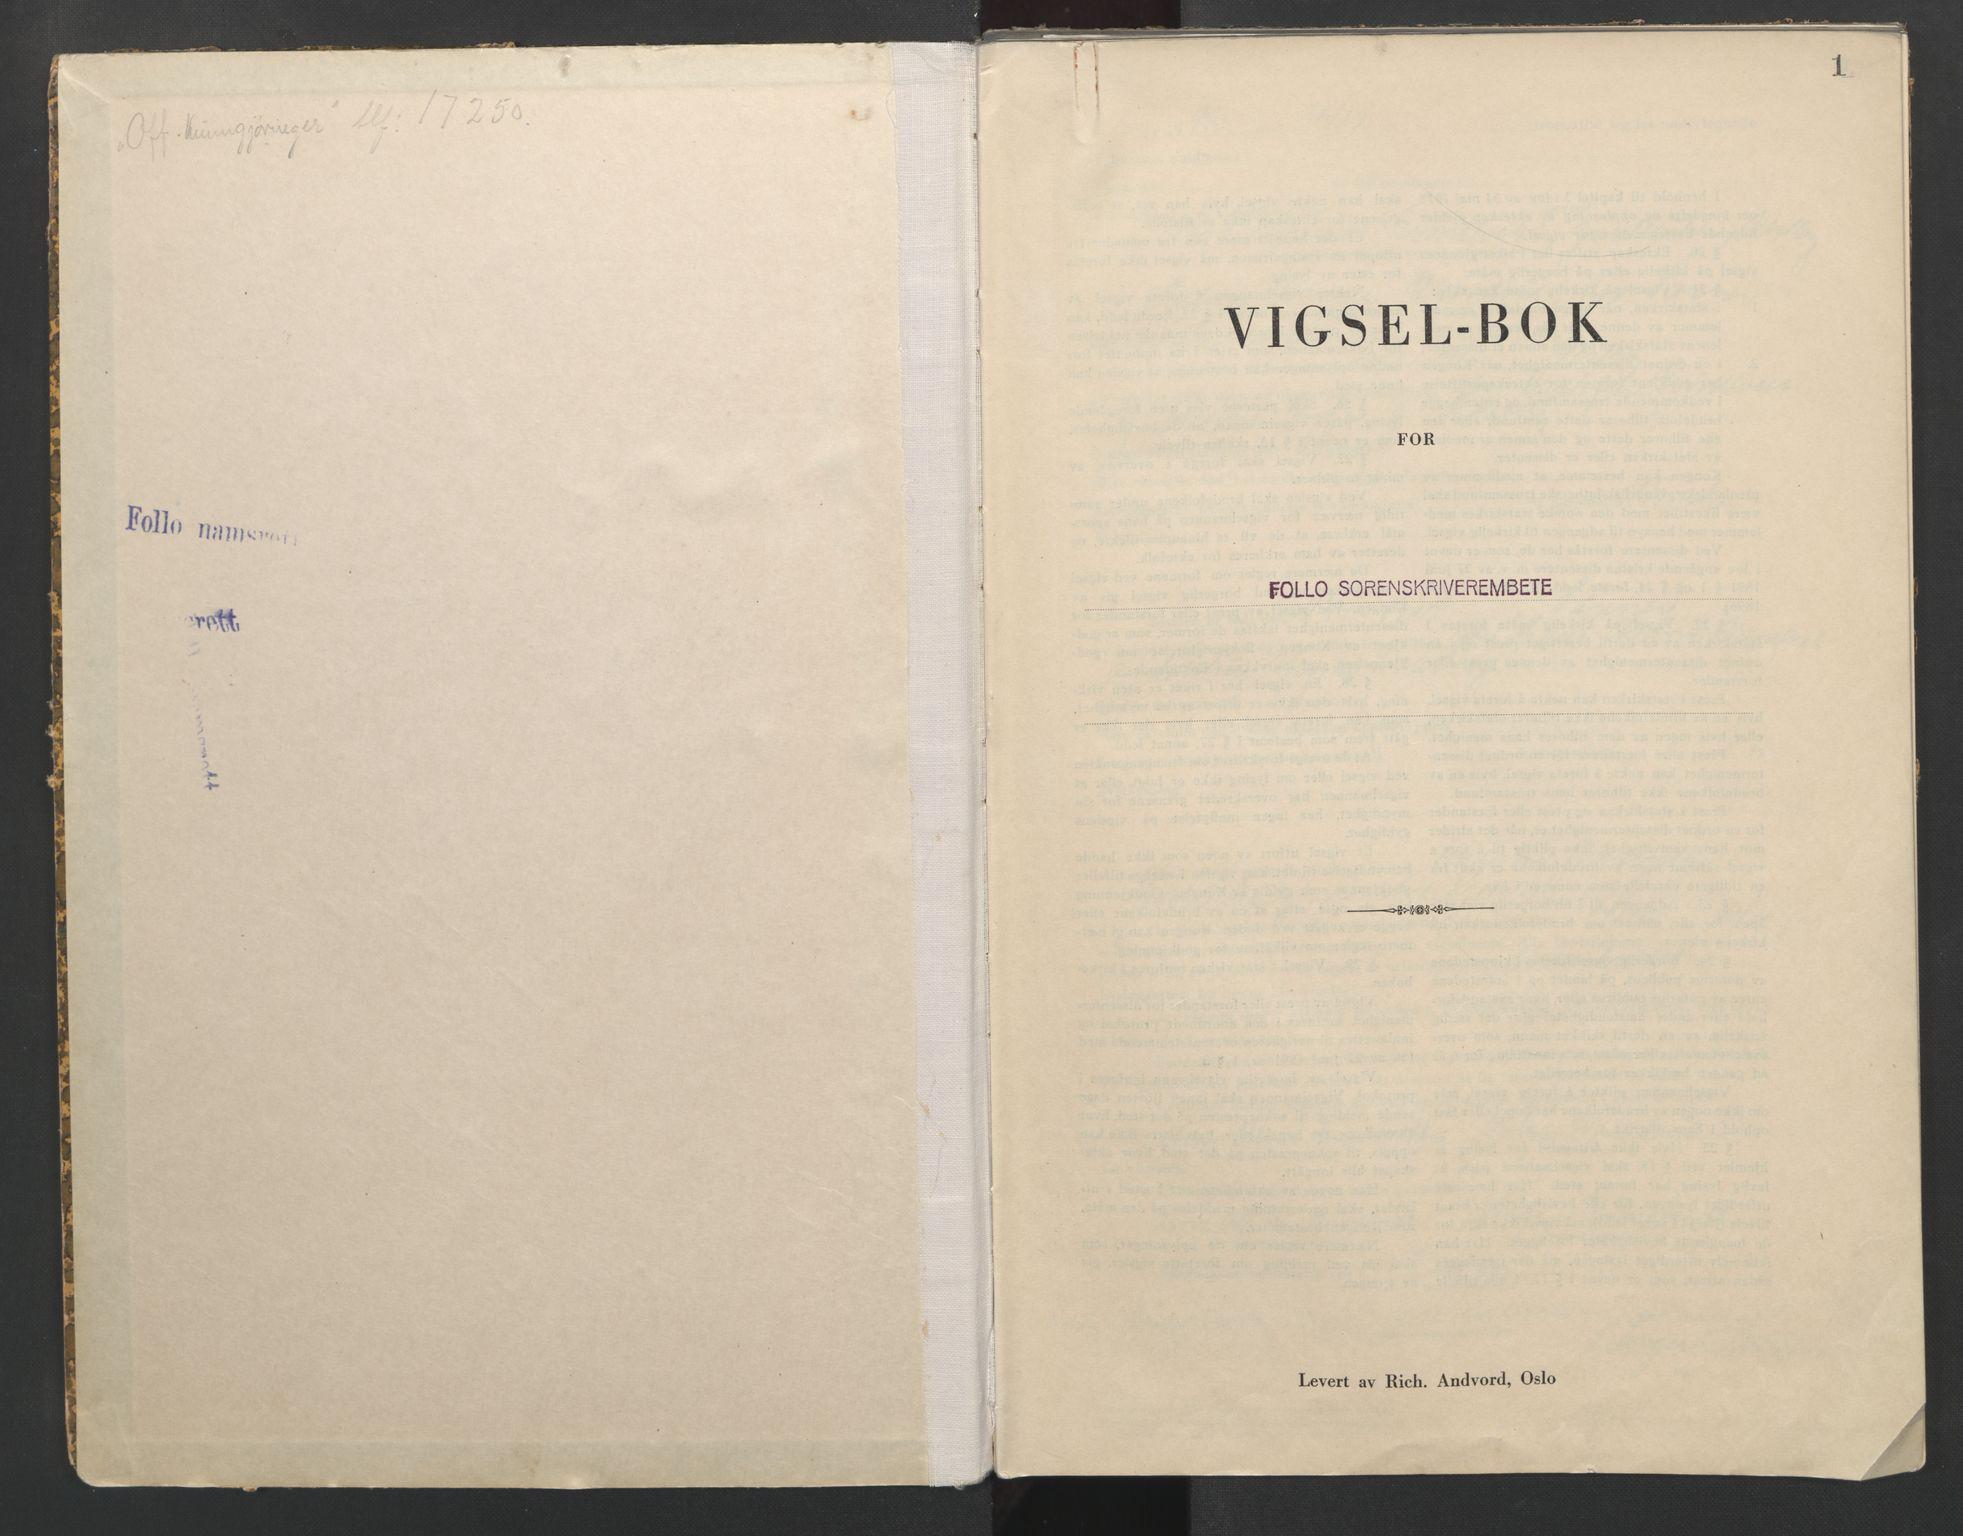 SAO, Follo sorenskriveri, L/La/Lab/L0002: Vigselsbok, 1942-1946, s. 1